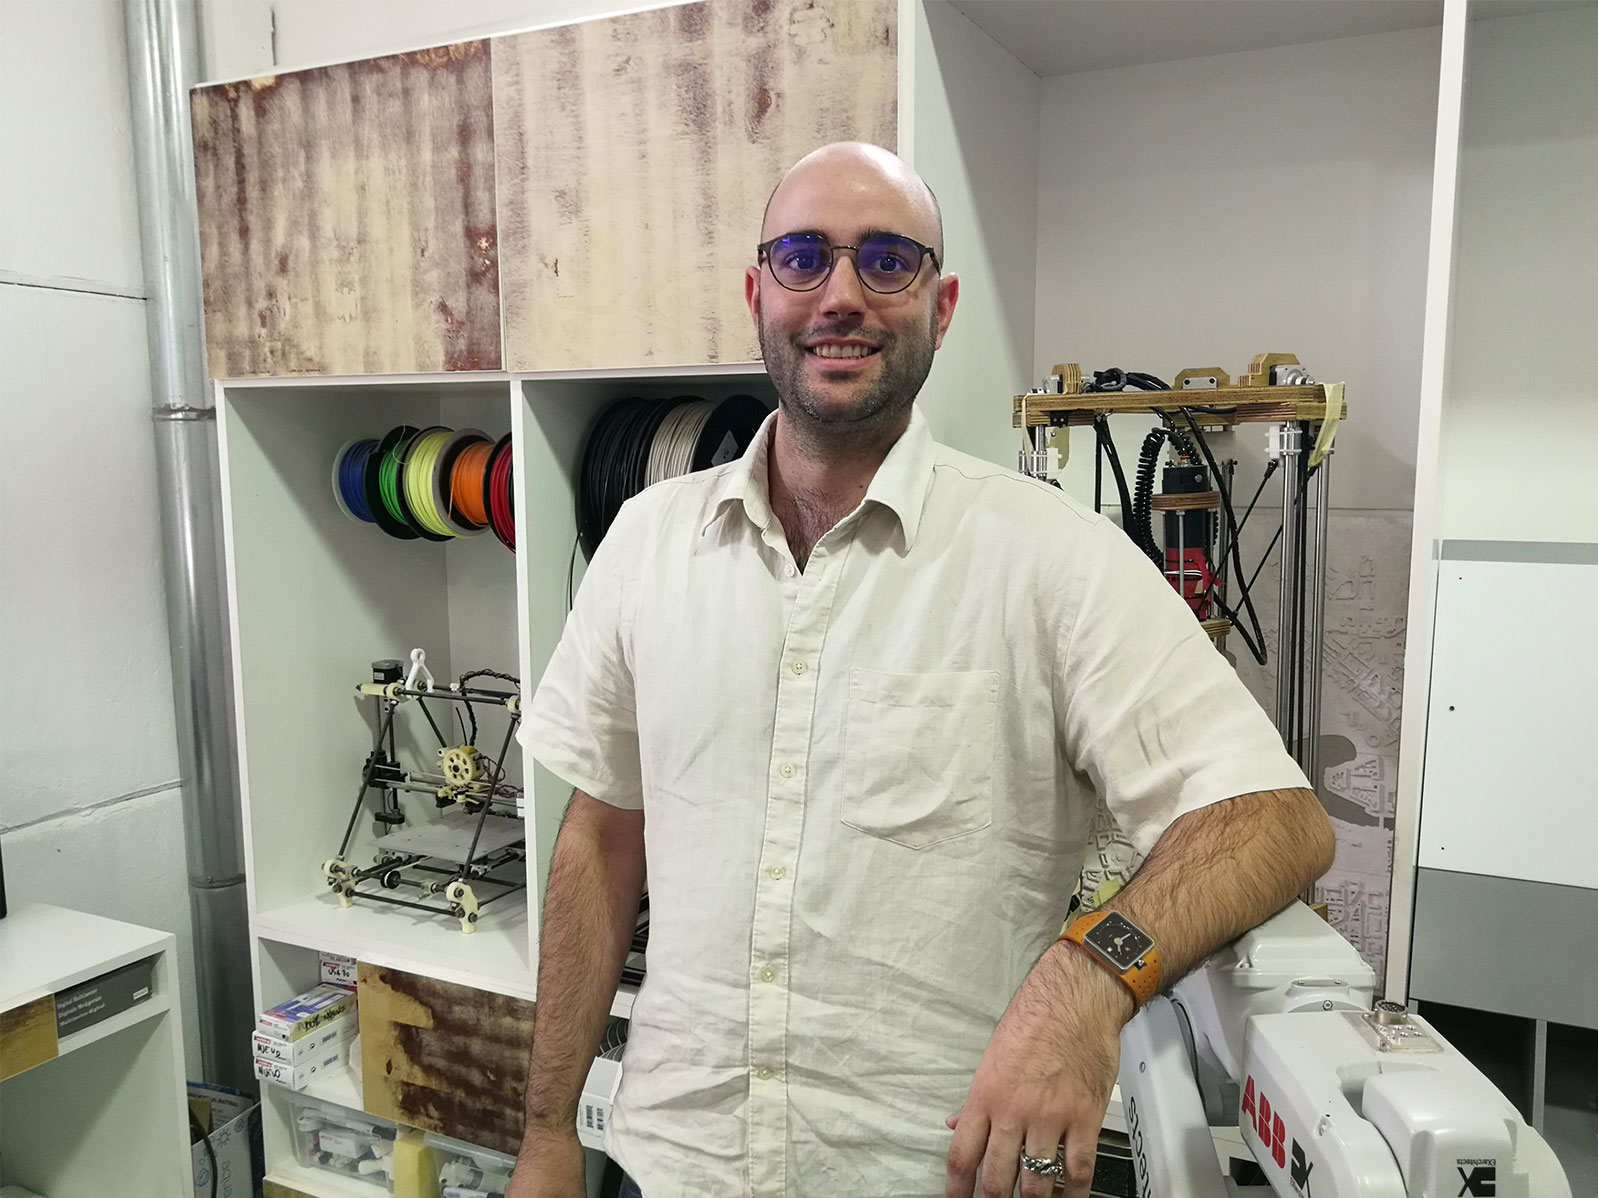 Entrevista a Roque Peña de EXarchitects para 3Dnatives sobre impresion 3D